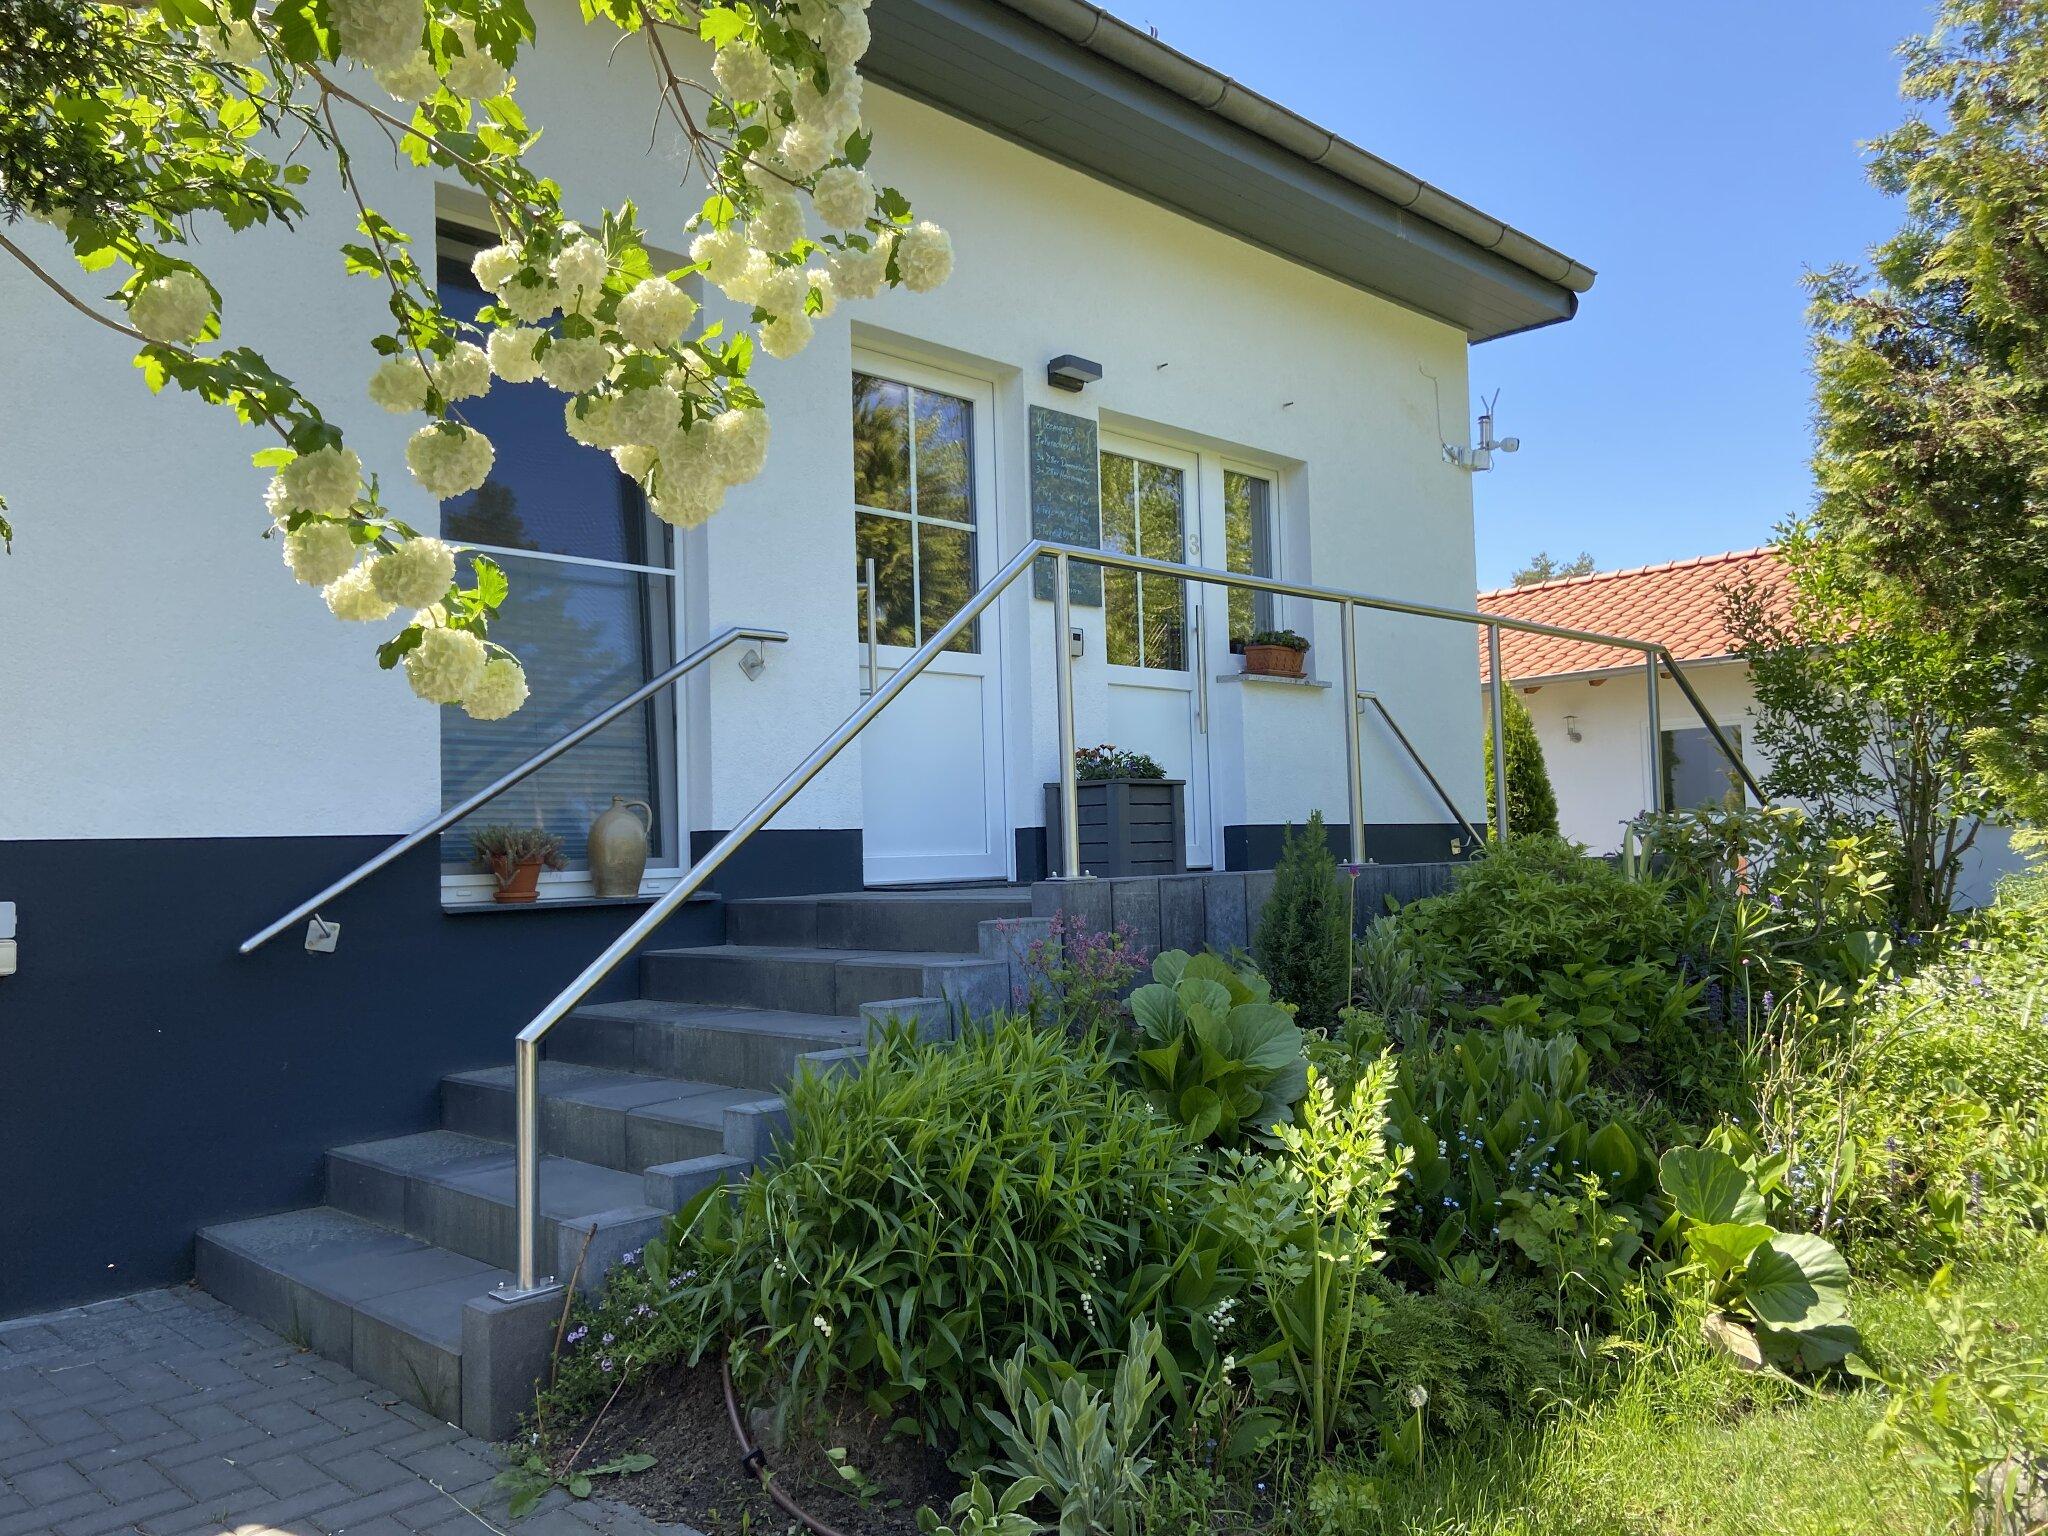 Fahrradverleih (2x 28er und 2x 24er)